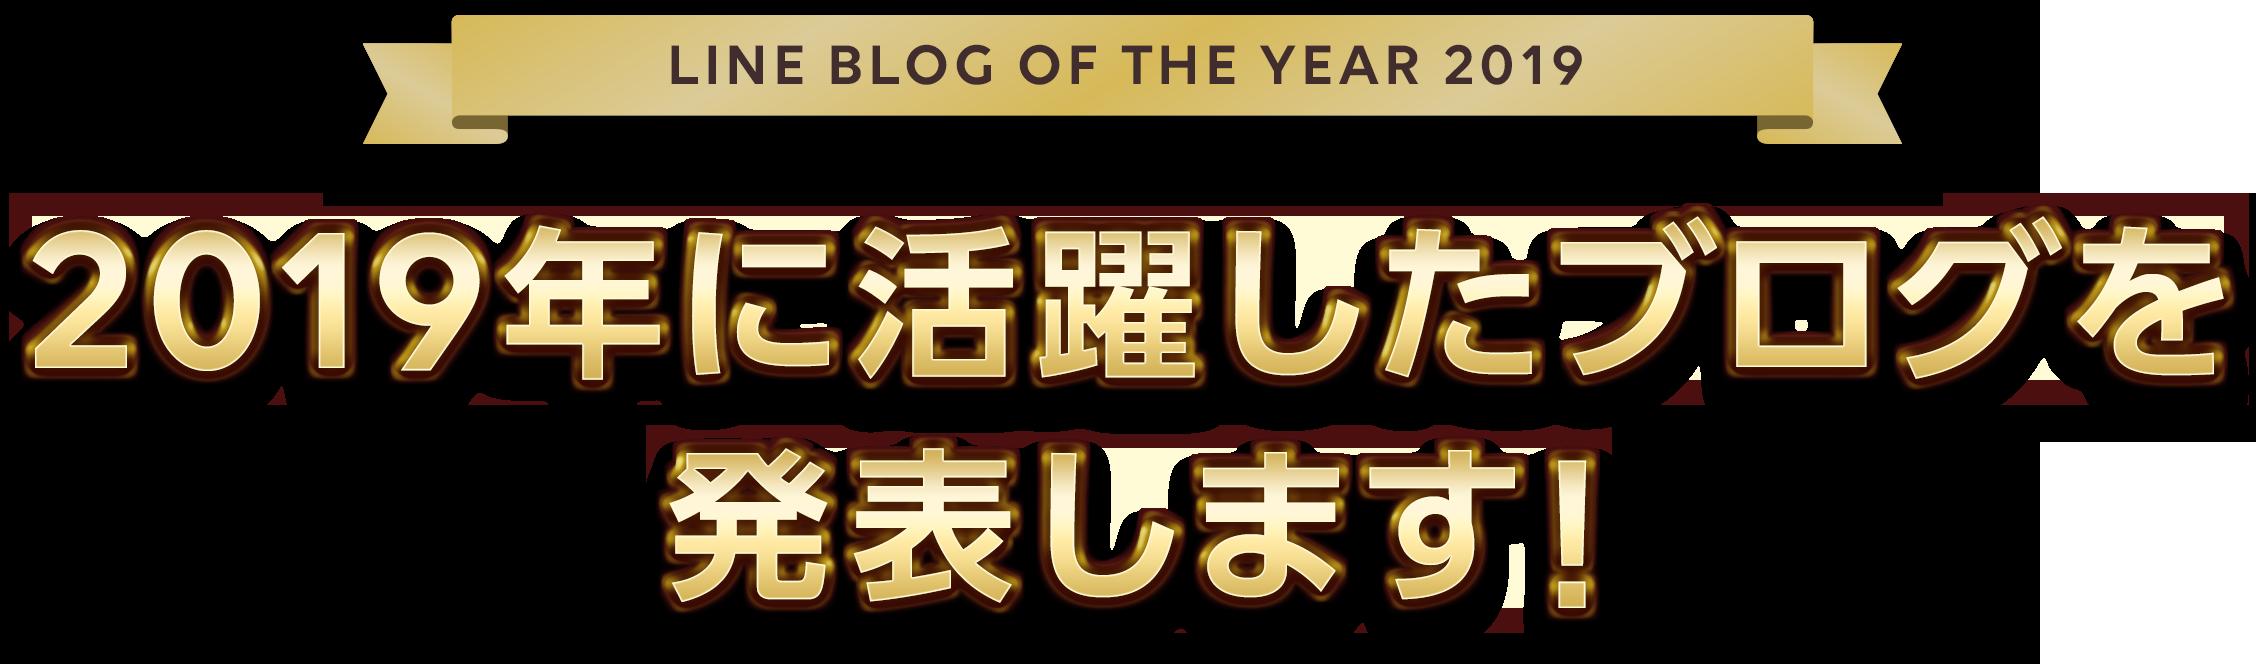 LINE BLOG OF THE YEAR 2019 2019年に活躍したブログを発表します!